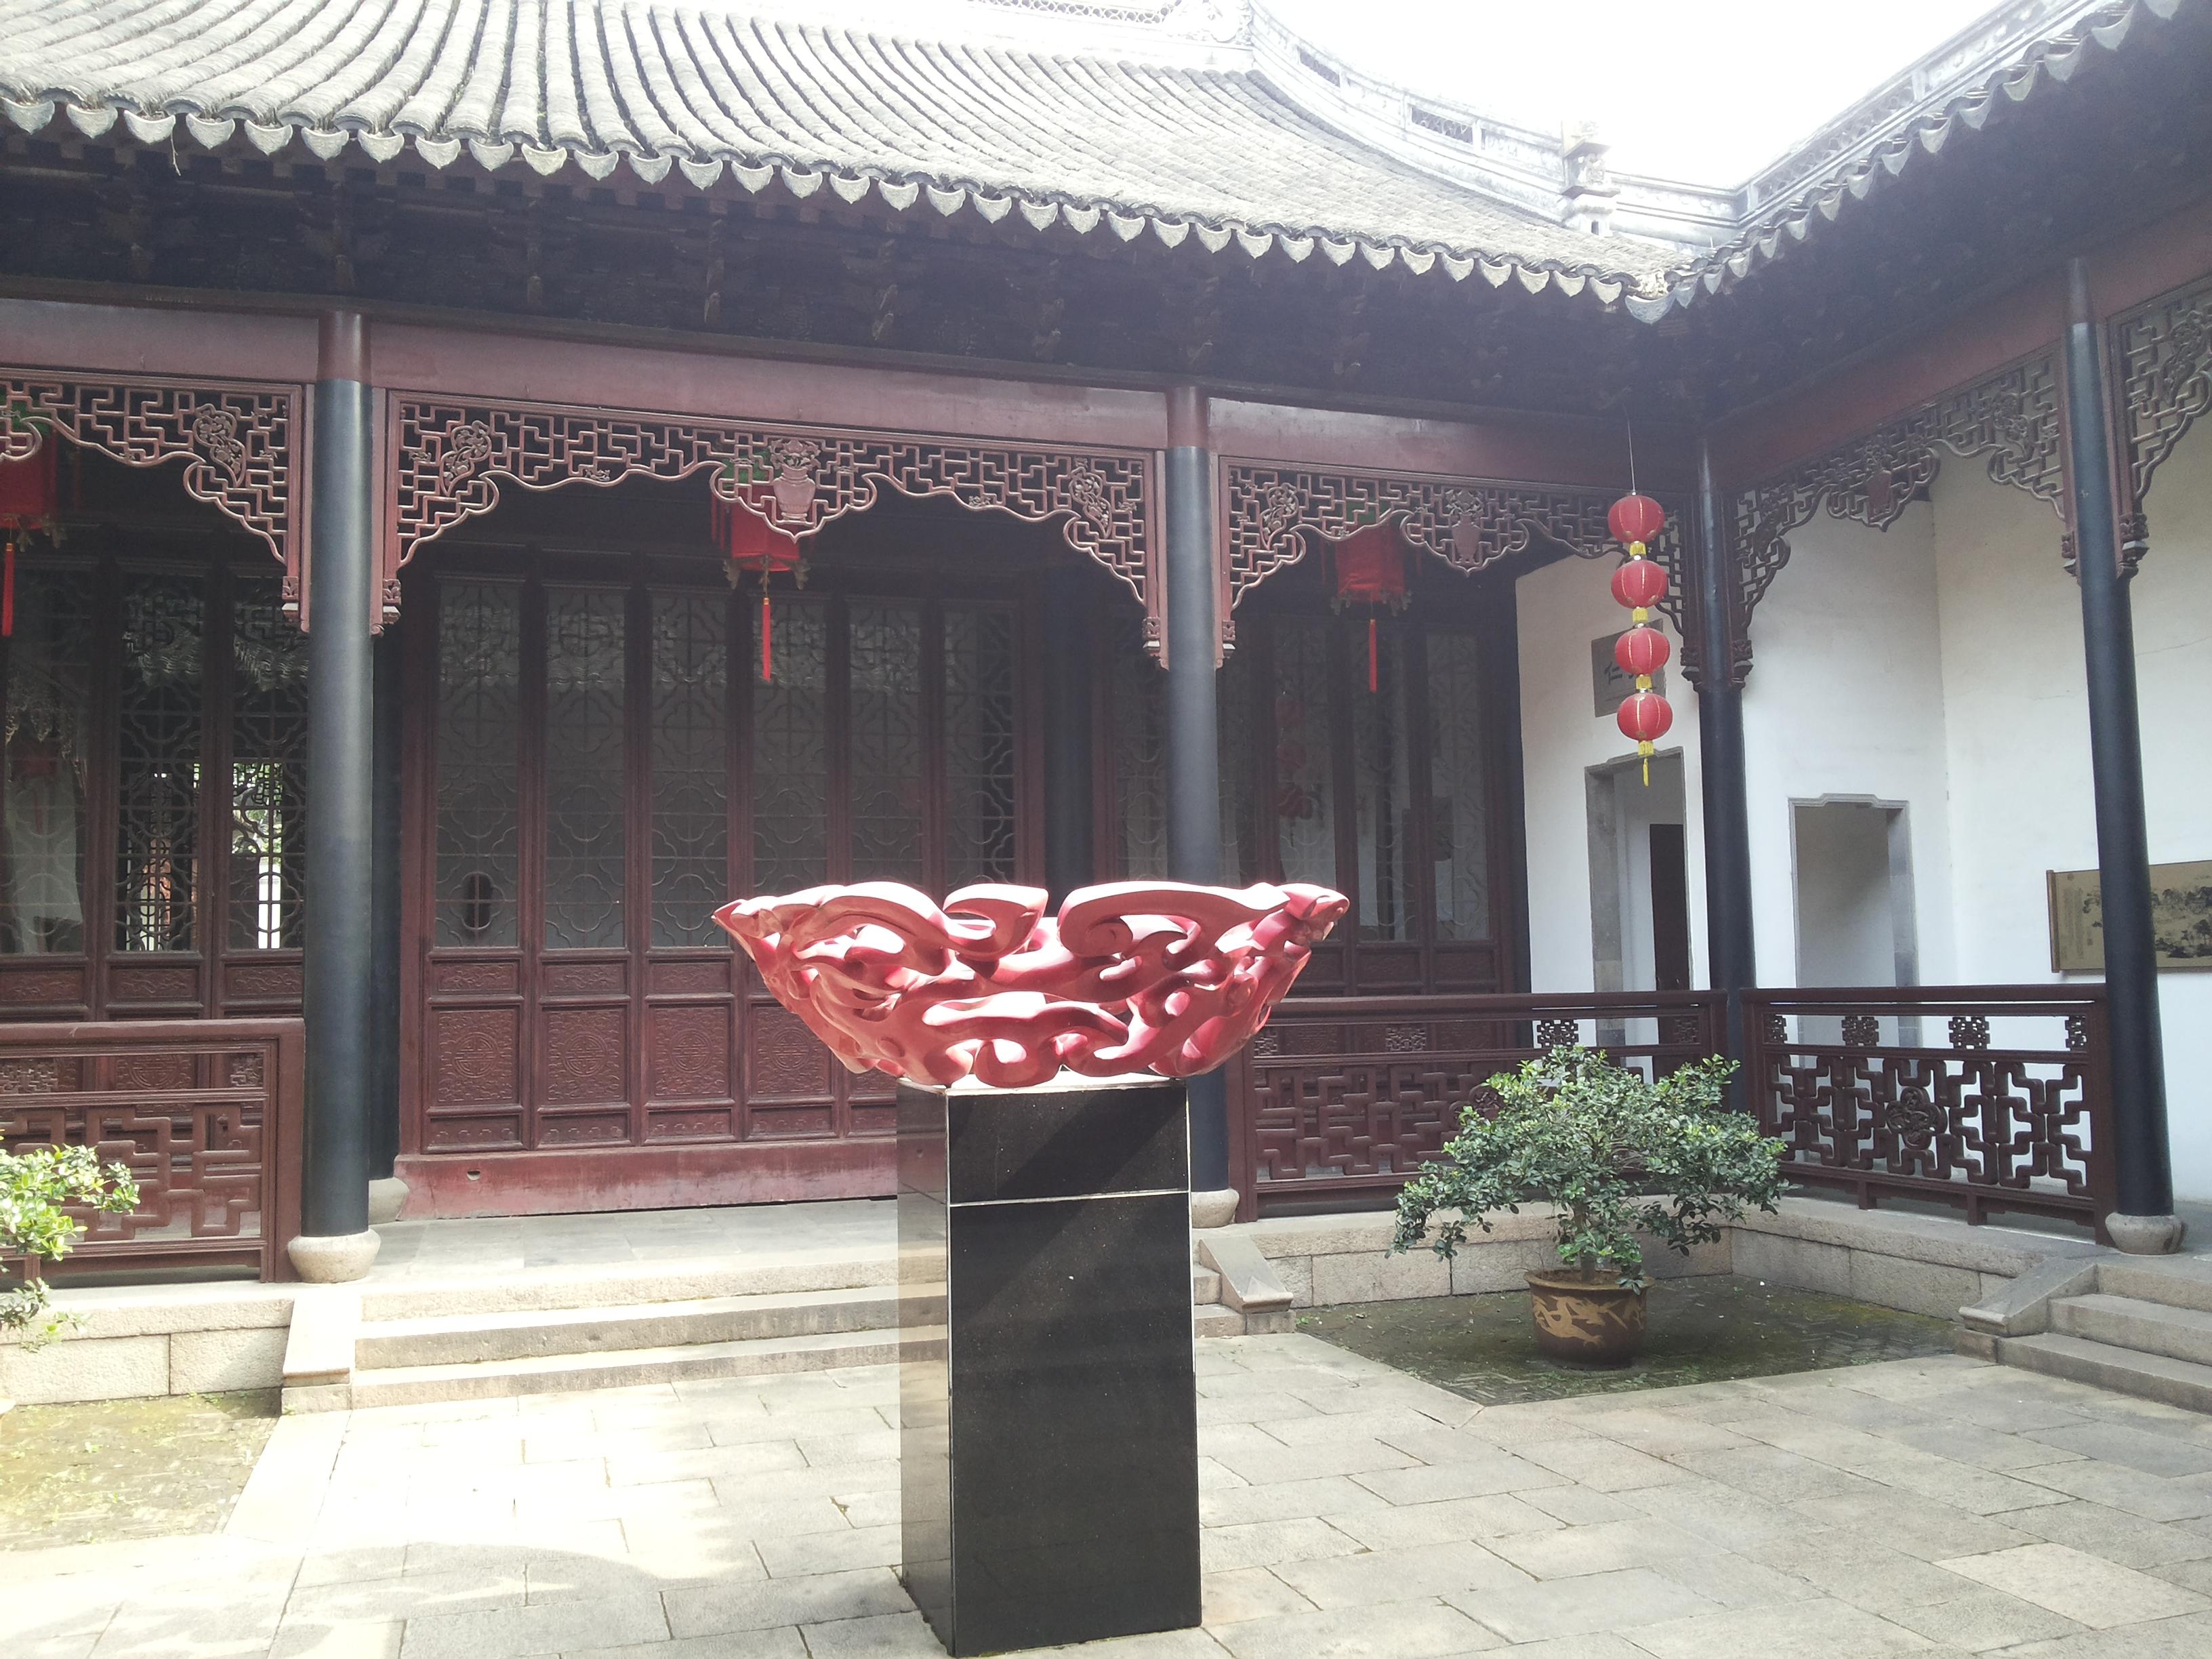 苏州民俗博物馆,苏州苏州民俗博物馆攻略\/地址